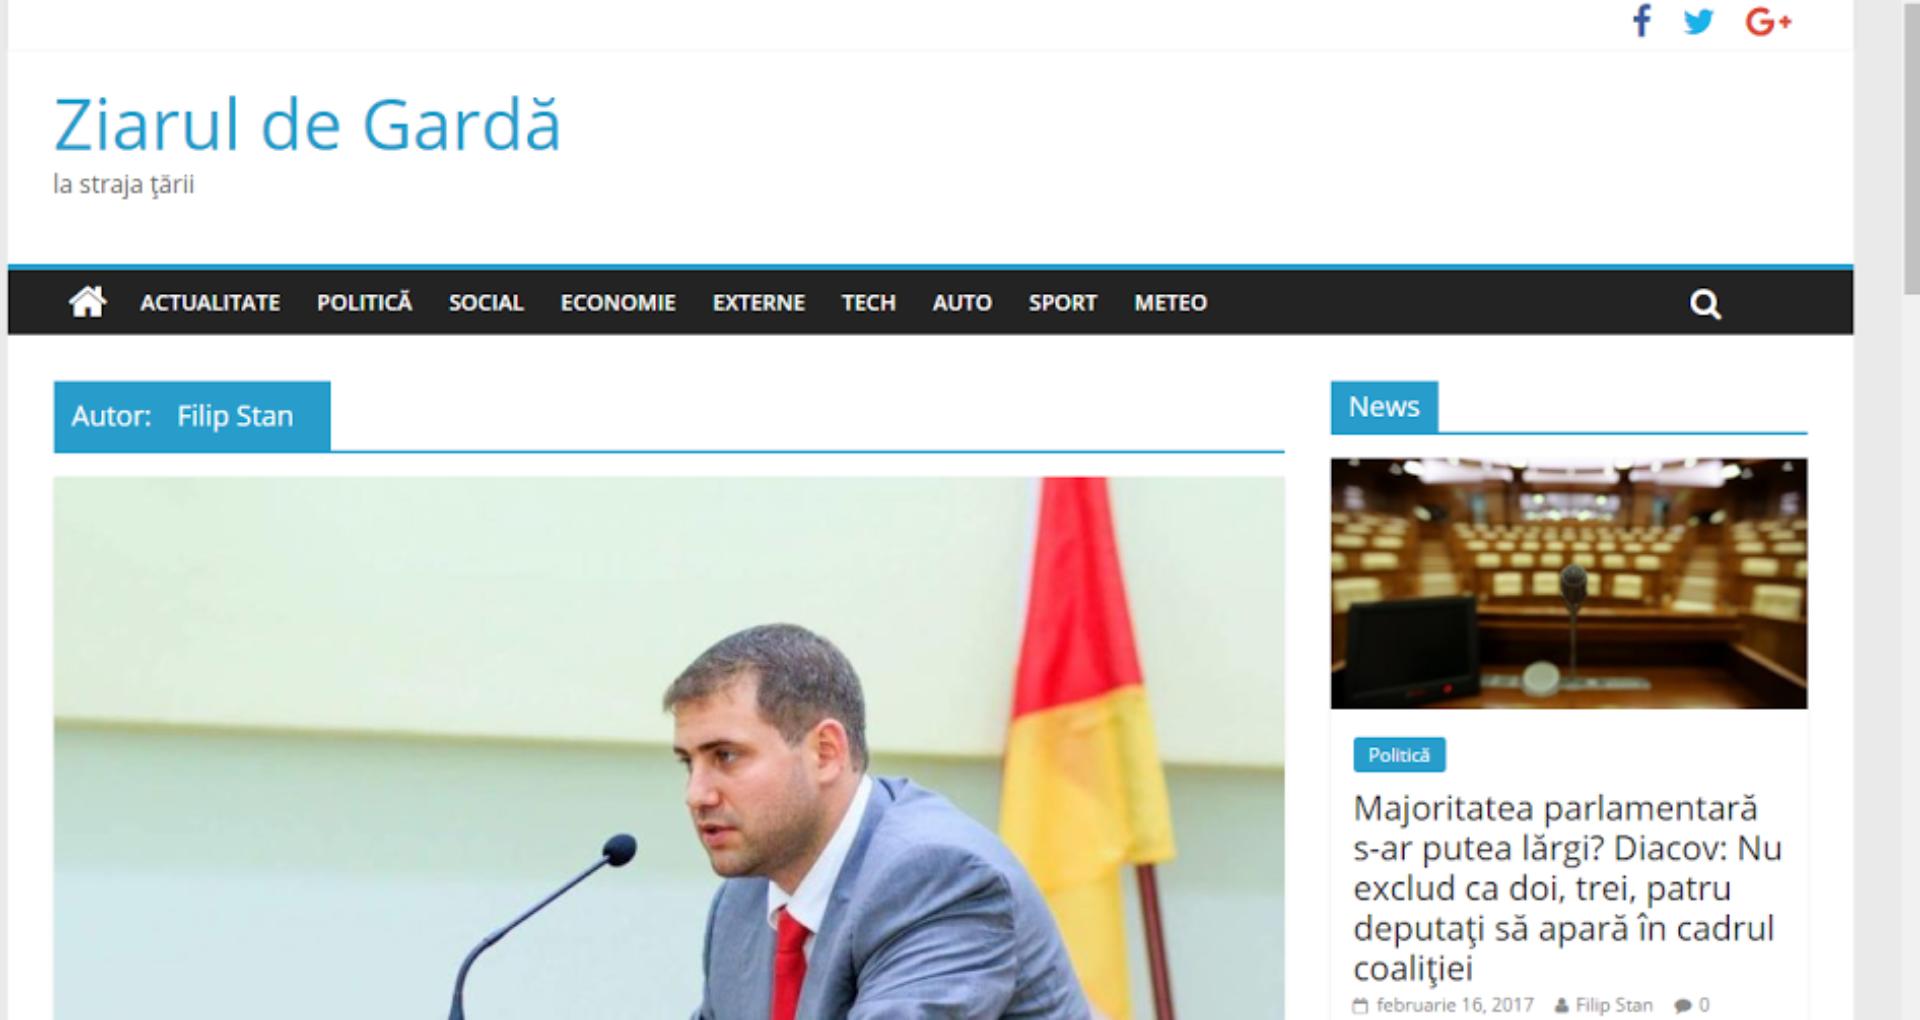 DECLARAȚIE: O pagină web falsă utilizează numele Ziarul de Gardă, furând conținut mediatic